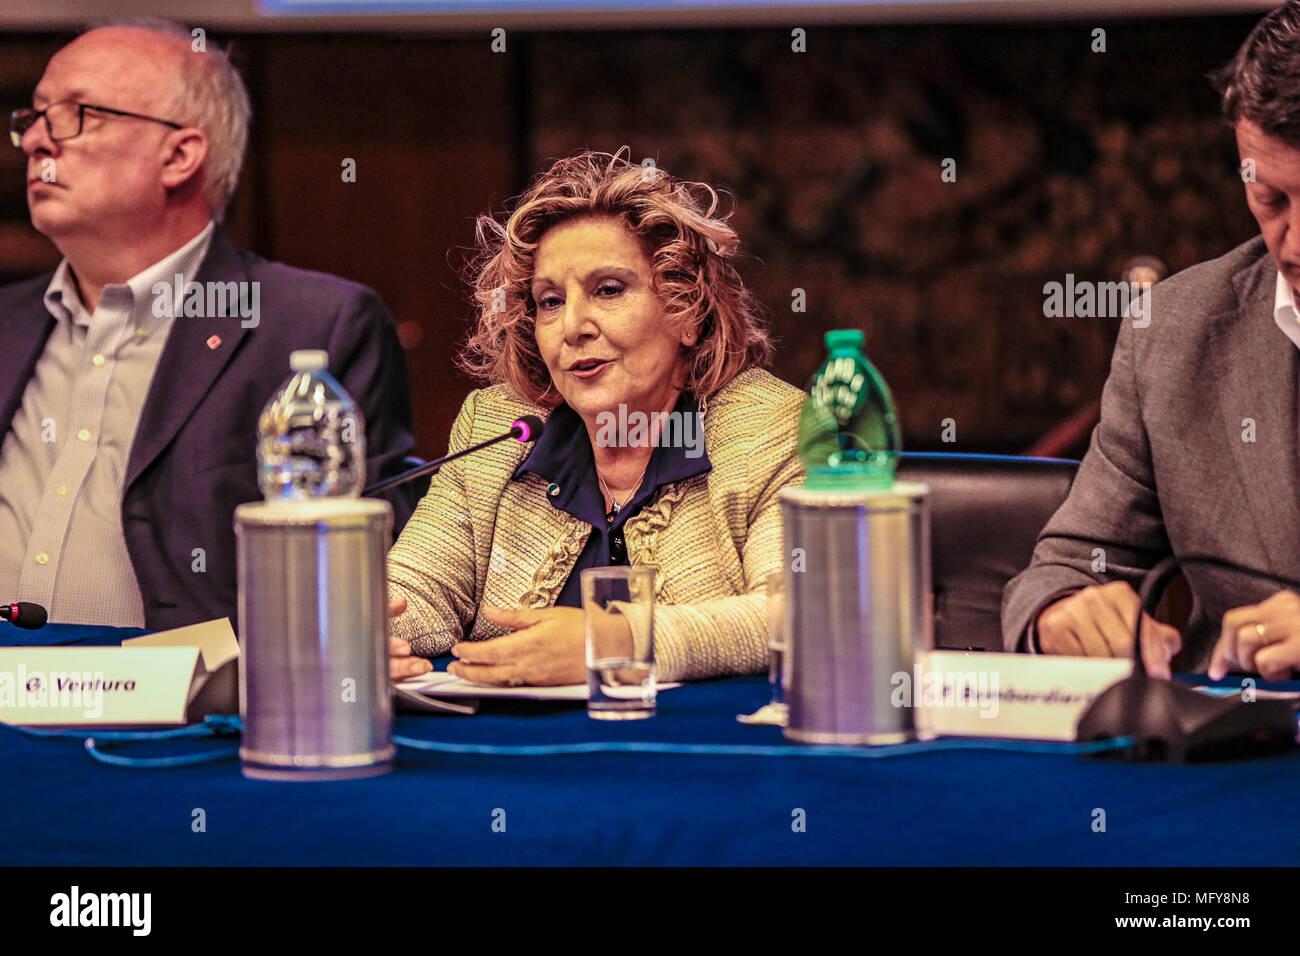 Italien. 26 Apr, 2018. E Presentazione Conferenza Stampa del Concertone 1° Maggio Di Piazza S: Giovanni ein Viale Mazzini sede RAI ein Roma/nELLE FOTO ICH SEGRETARI CONFEDERALI CGIL, CISL, UIL STEFANO COLETTA, PAOLA MARCHESINI, Alessandro, LOSTIA MASSDIMO BONELLI, ICH PRESENTATORI 2018 AMBRA ANGIOLINIS E LODO GUENZI/@danielafranceschelliPH/PacificPressAgency Pressekonferenz Der concertone des 1. Mai von der Piazza S. Giovanni durchgeführt in der Rai-Büro in Viale Mazzini. Credit: Daniela Franceschelli/Pacific Press/Alamy leben Nachrichten Stockfoto